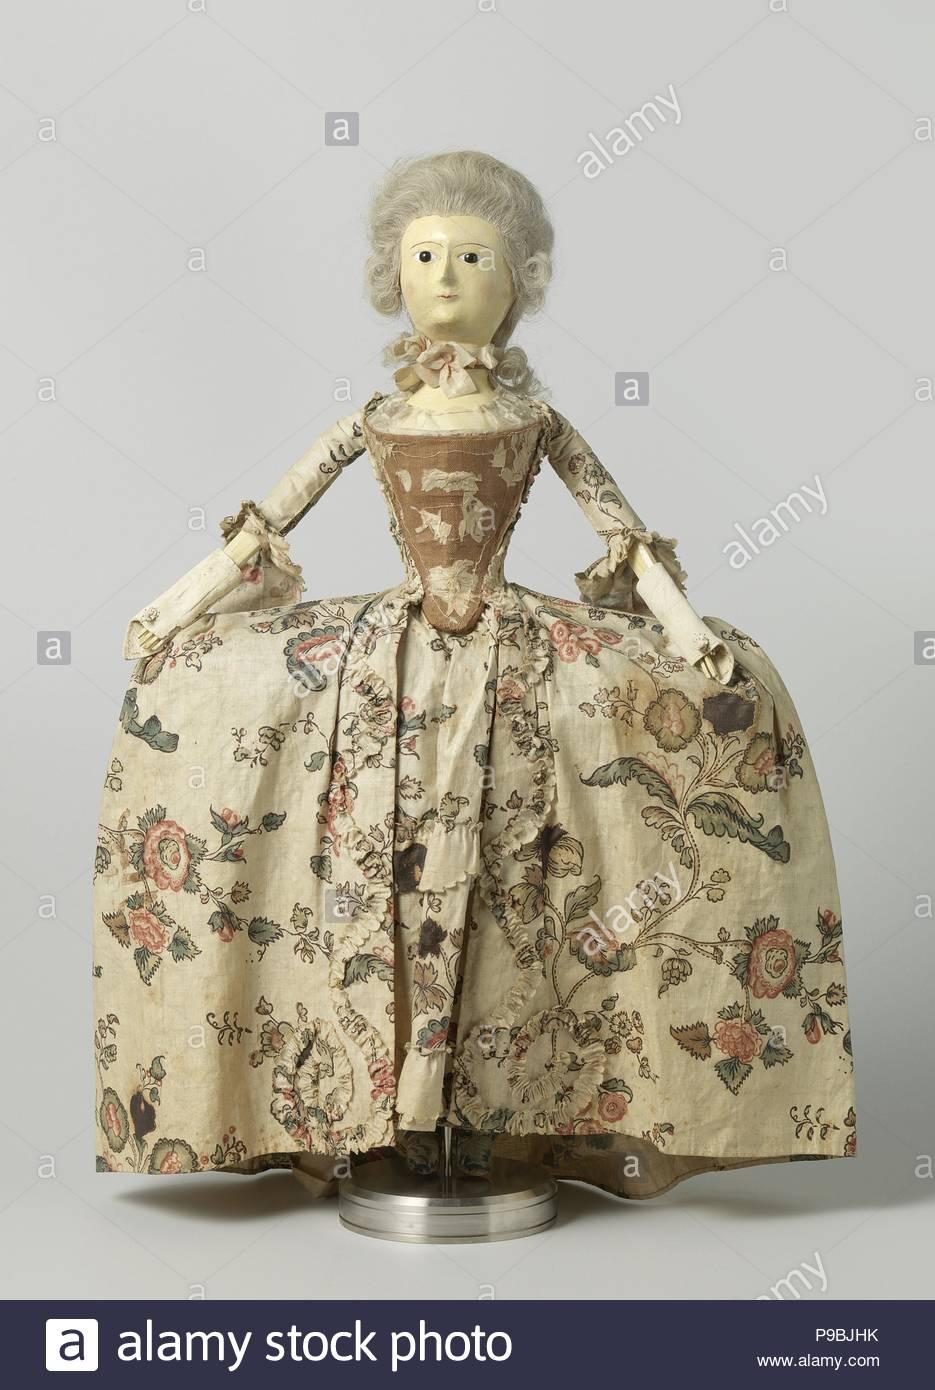 Puppe Holz Mit Glas Augen Und Haare Des Menschlichen Haares In